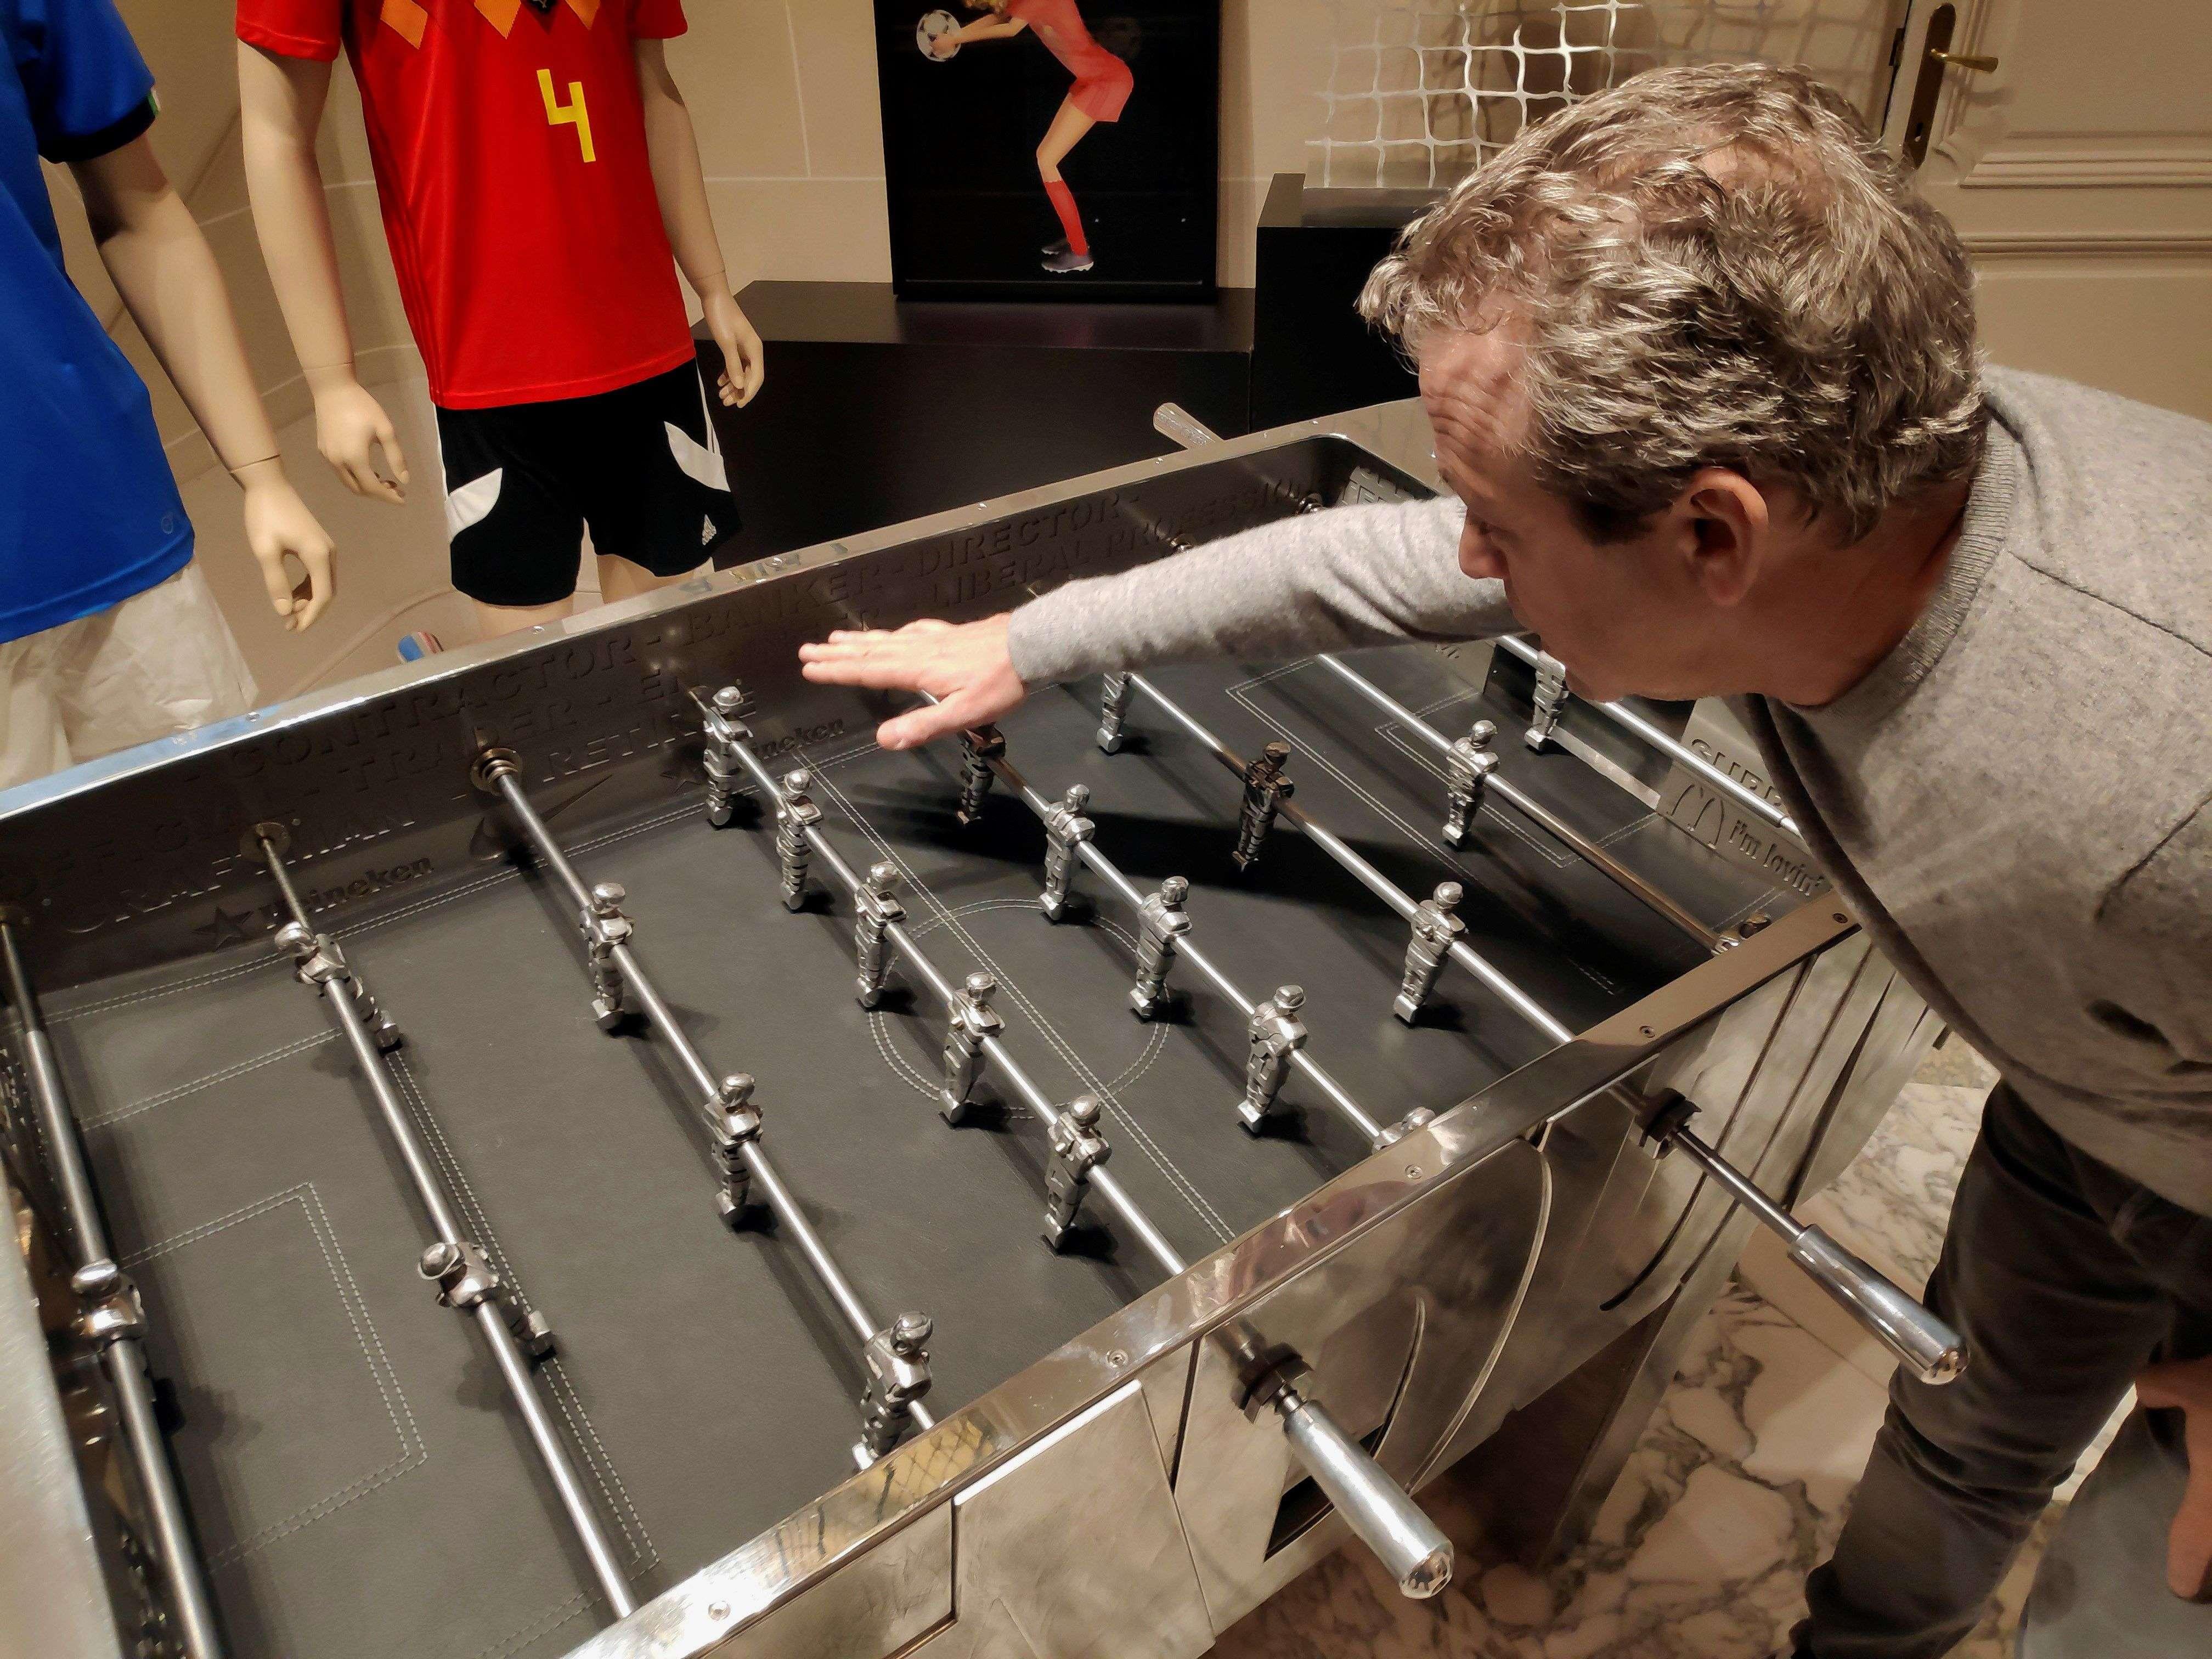 El futbolín en cuestión es obra en metal del escultor francés Stefane Cipre./EFE